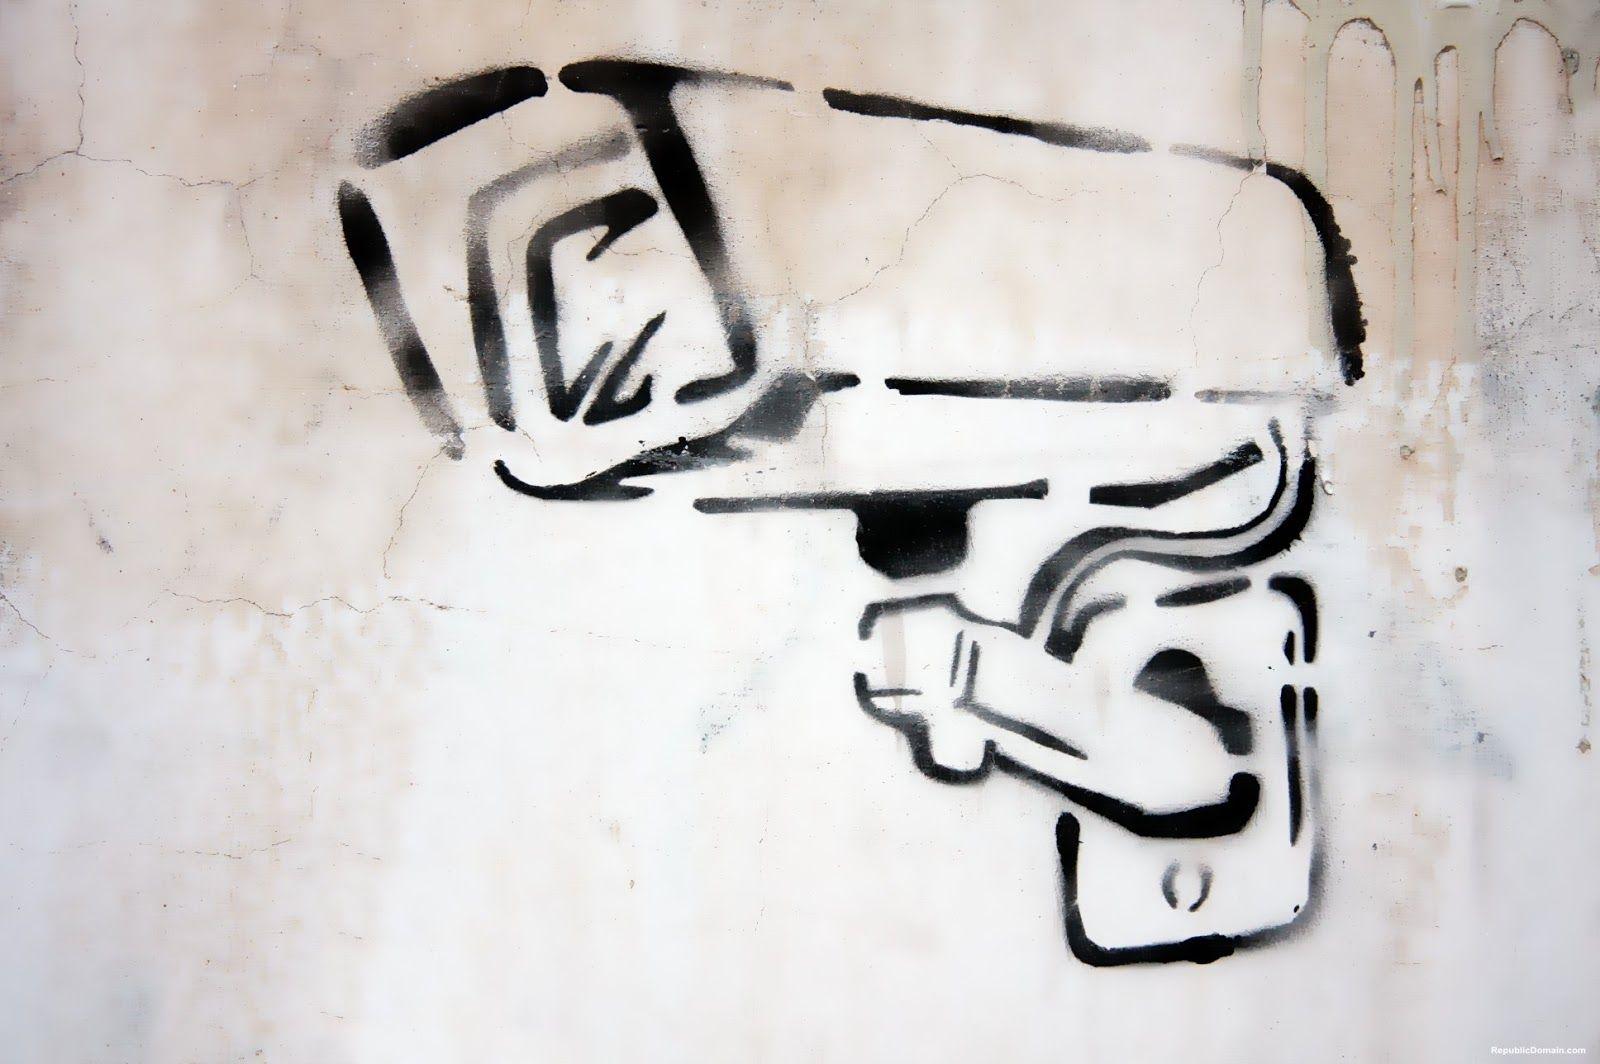 Street Art Graffiti Stencils Graffiti Stencils